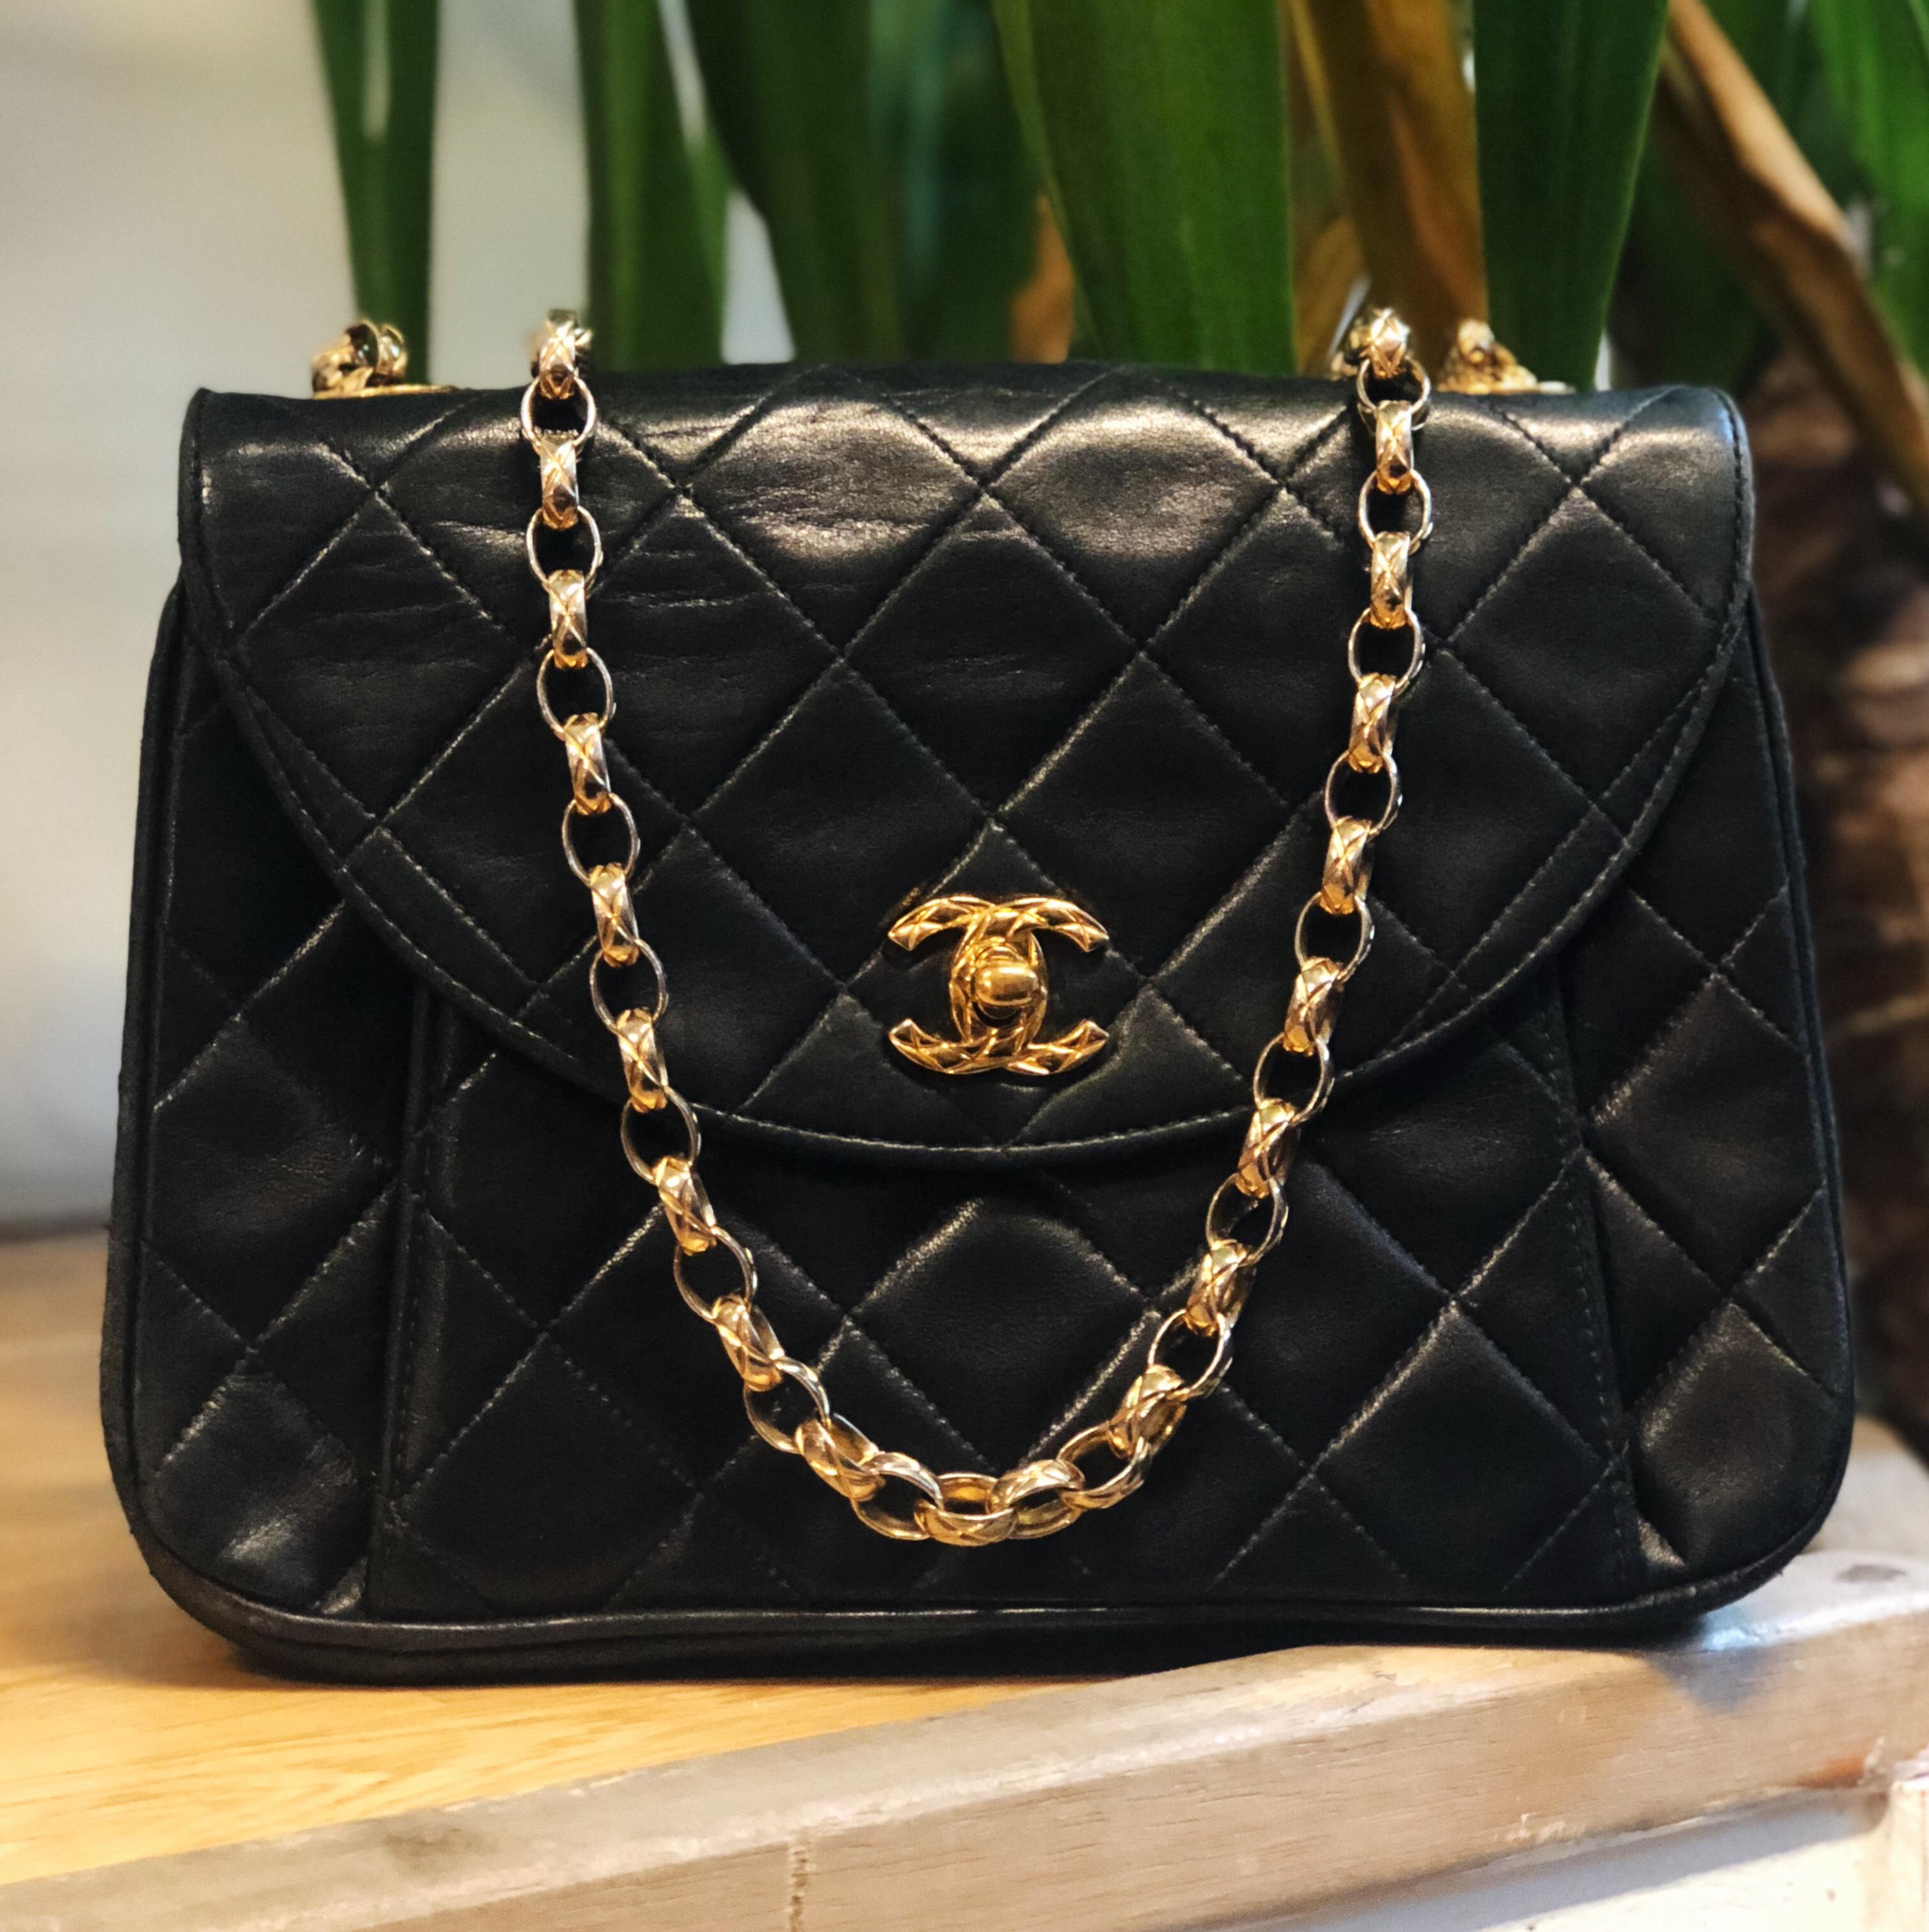 32a18f051ad7 Chanel Matelasse Mini Leather Flap Chain Bag